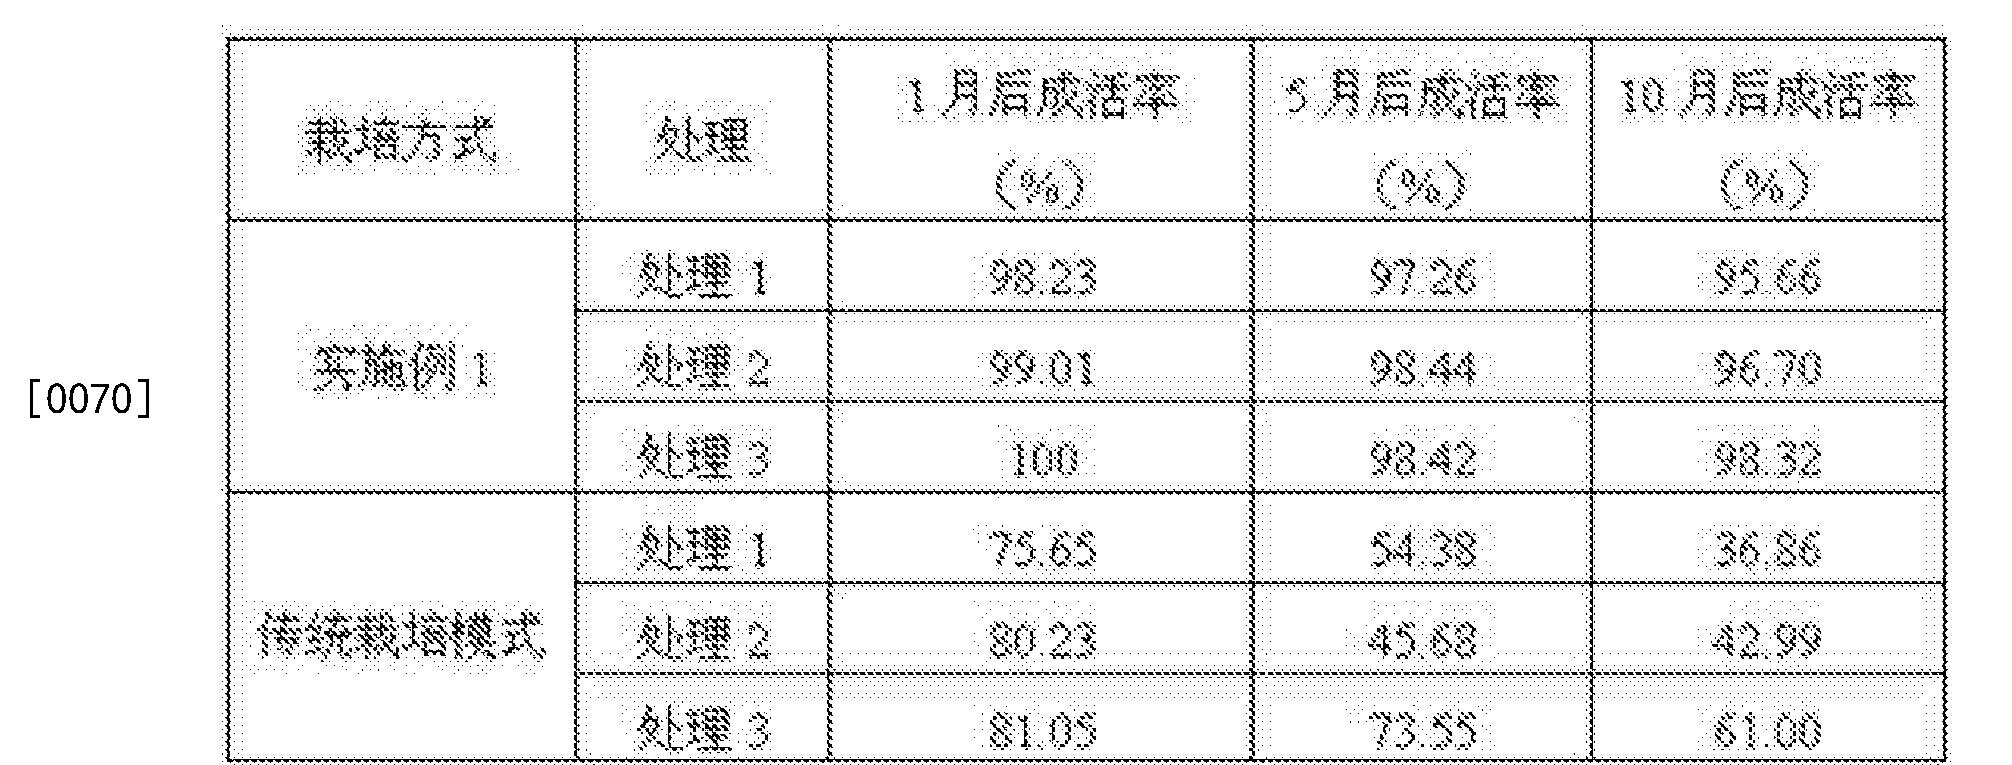 Figure CN104303966BD00092